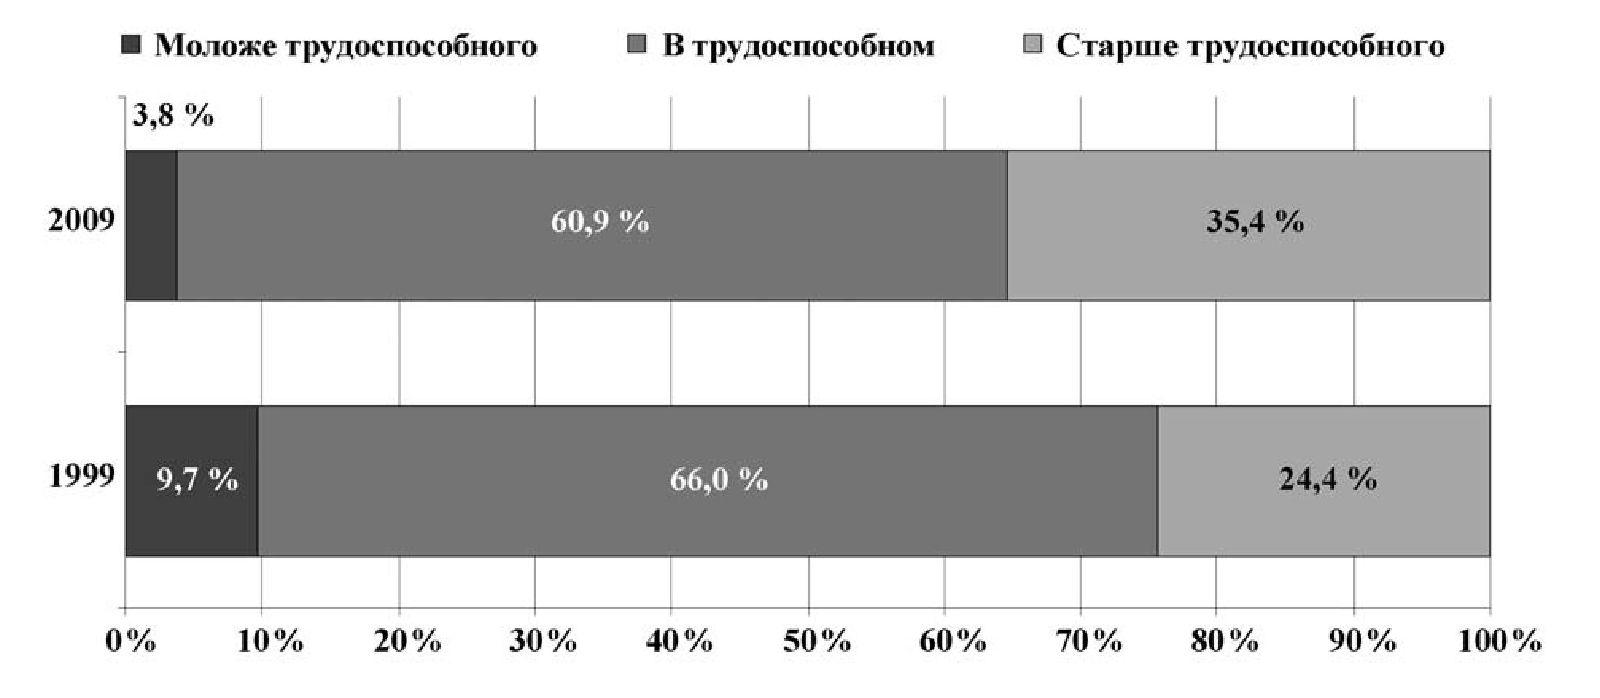 Рис. 3 б. Распределение украинцев по возрасту (%) (2009)